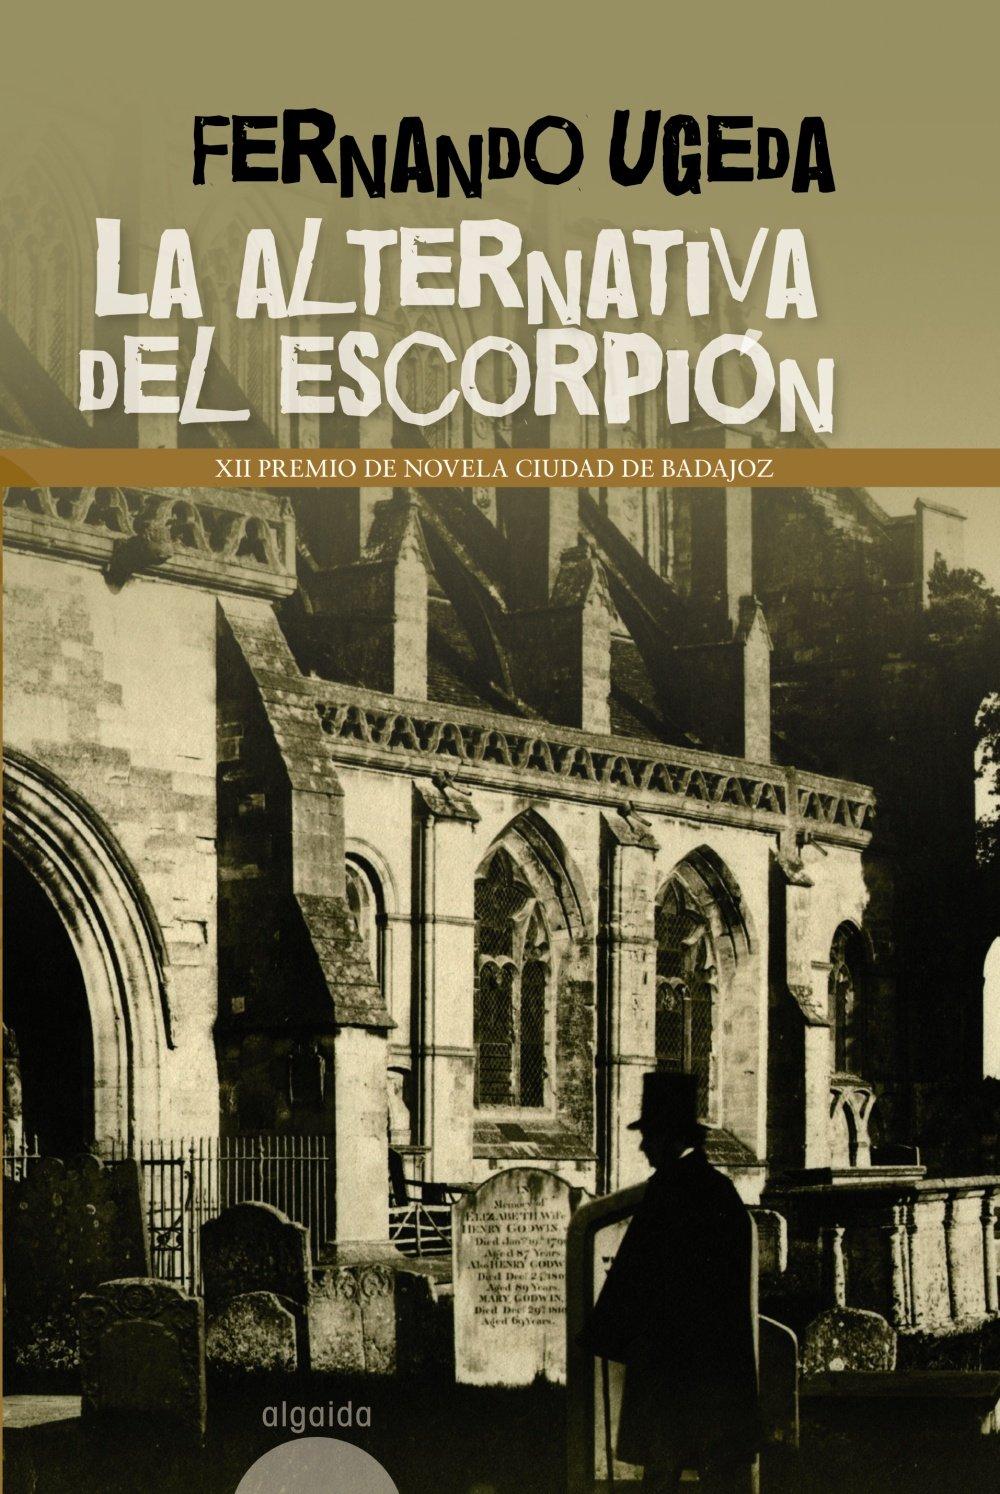 La alternativa del escorpion/ The alternative of scorpion ...